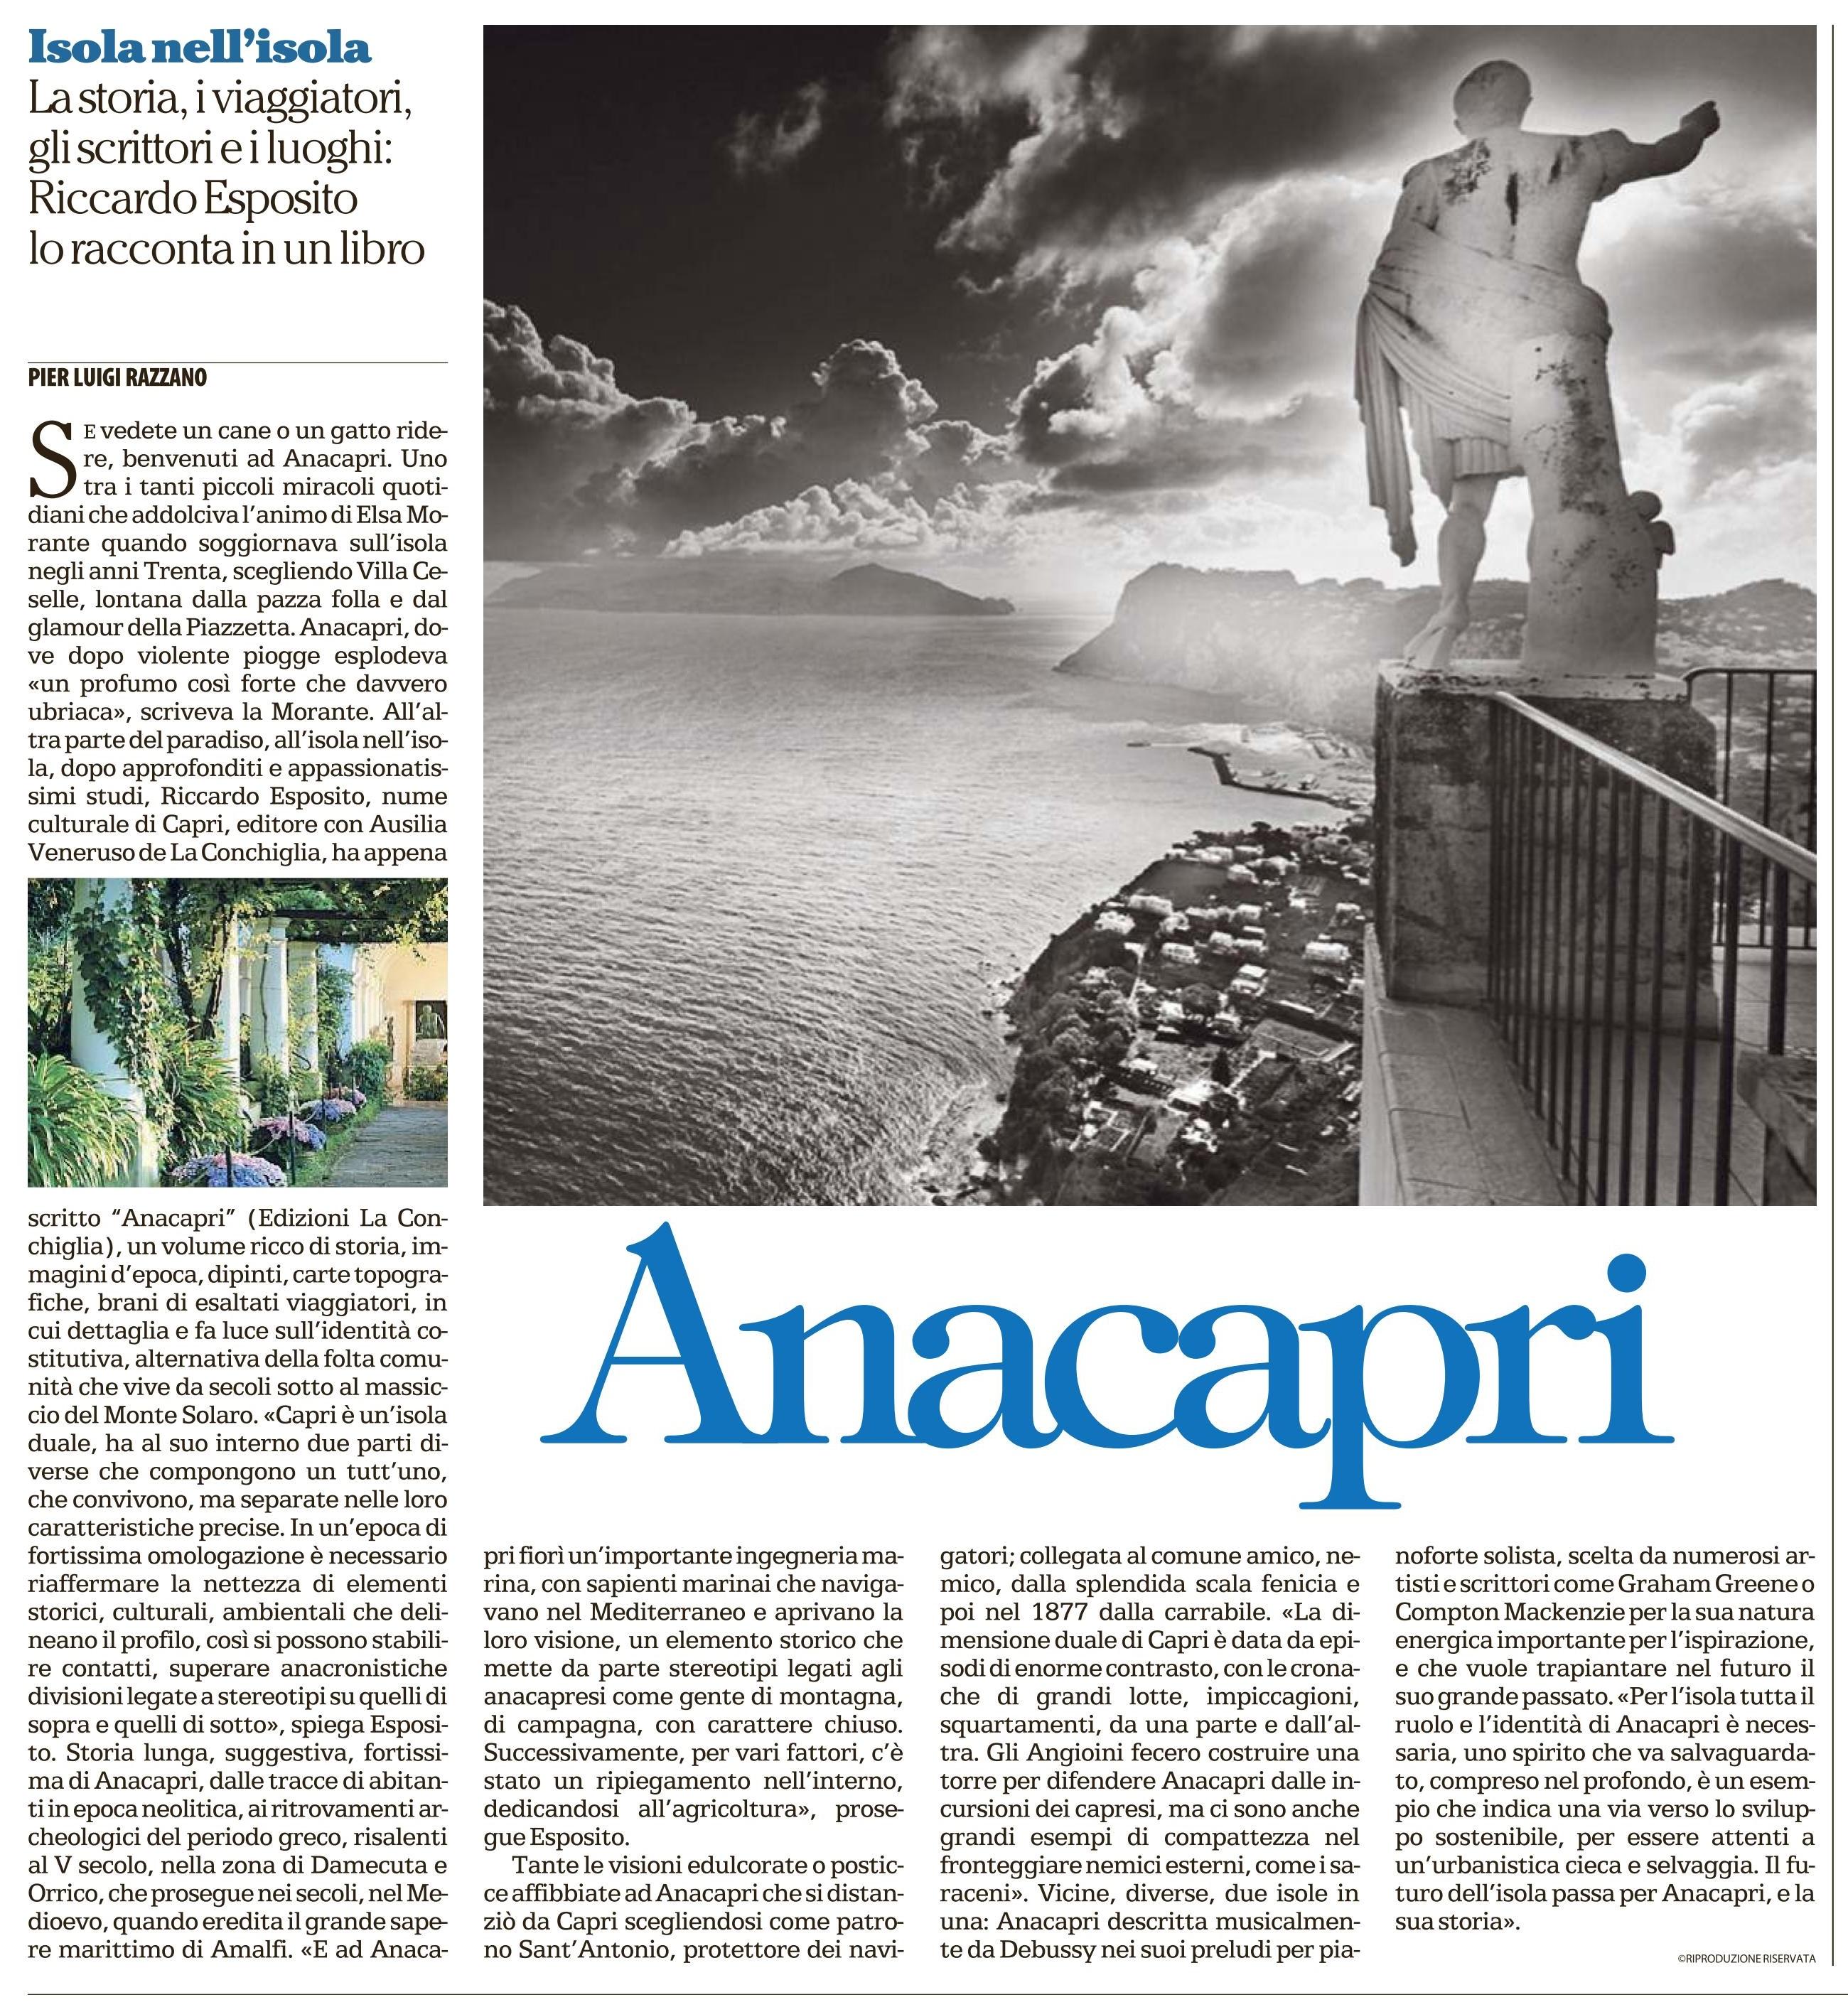 """Articolo di Pierluigi Razzano su """"Anacapri"""" di Riccardo Esposito per La Repubblica Napoli. Edizioni La Conchiglia Capri."""